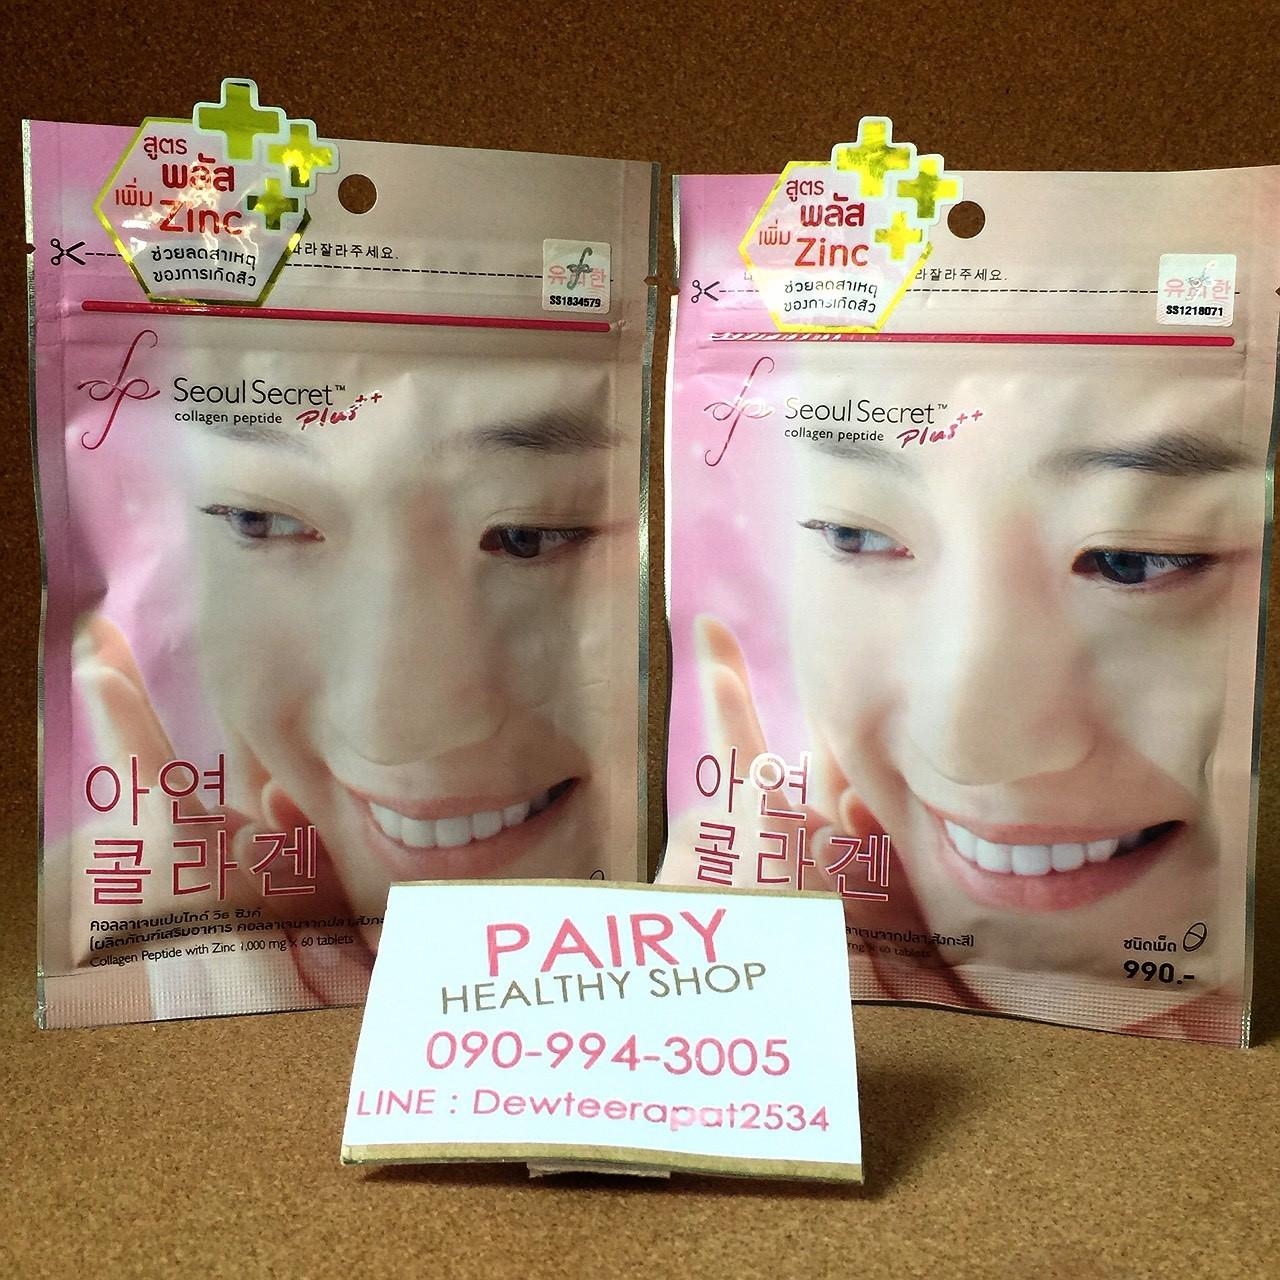 ุ Seoul Secret Collagen Plus++Zinc (โซล ซีเคลท คอลลาเจน พลัส ซิงค์) 60 เม็ด แพคคู่ 720 บาท ส่งฟร๊ ลทบ.